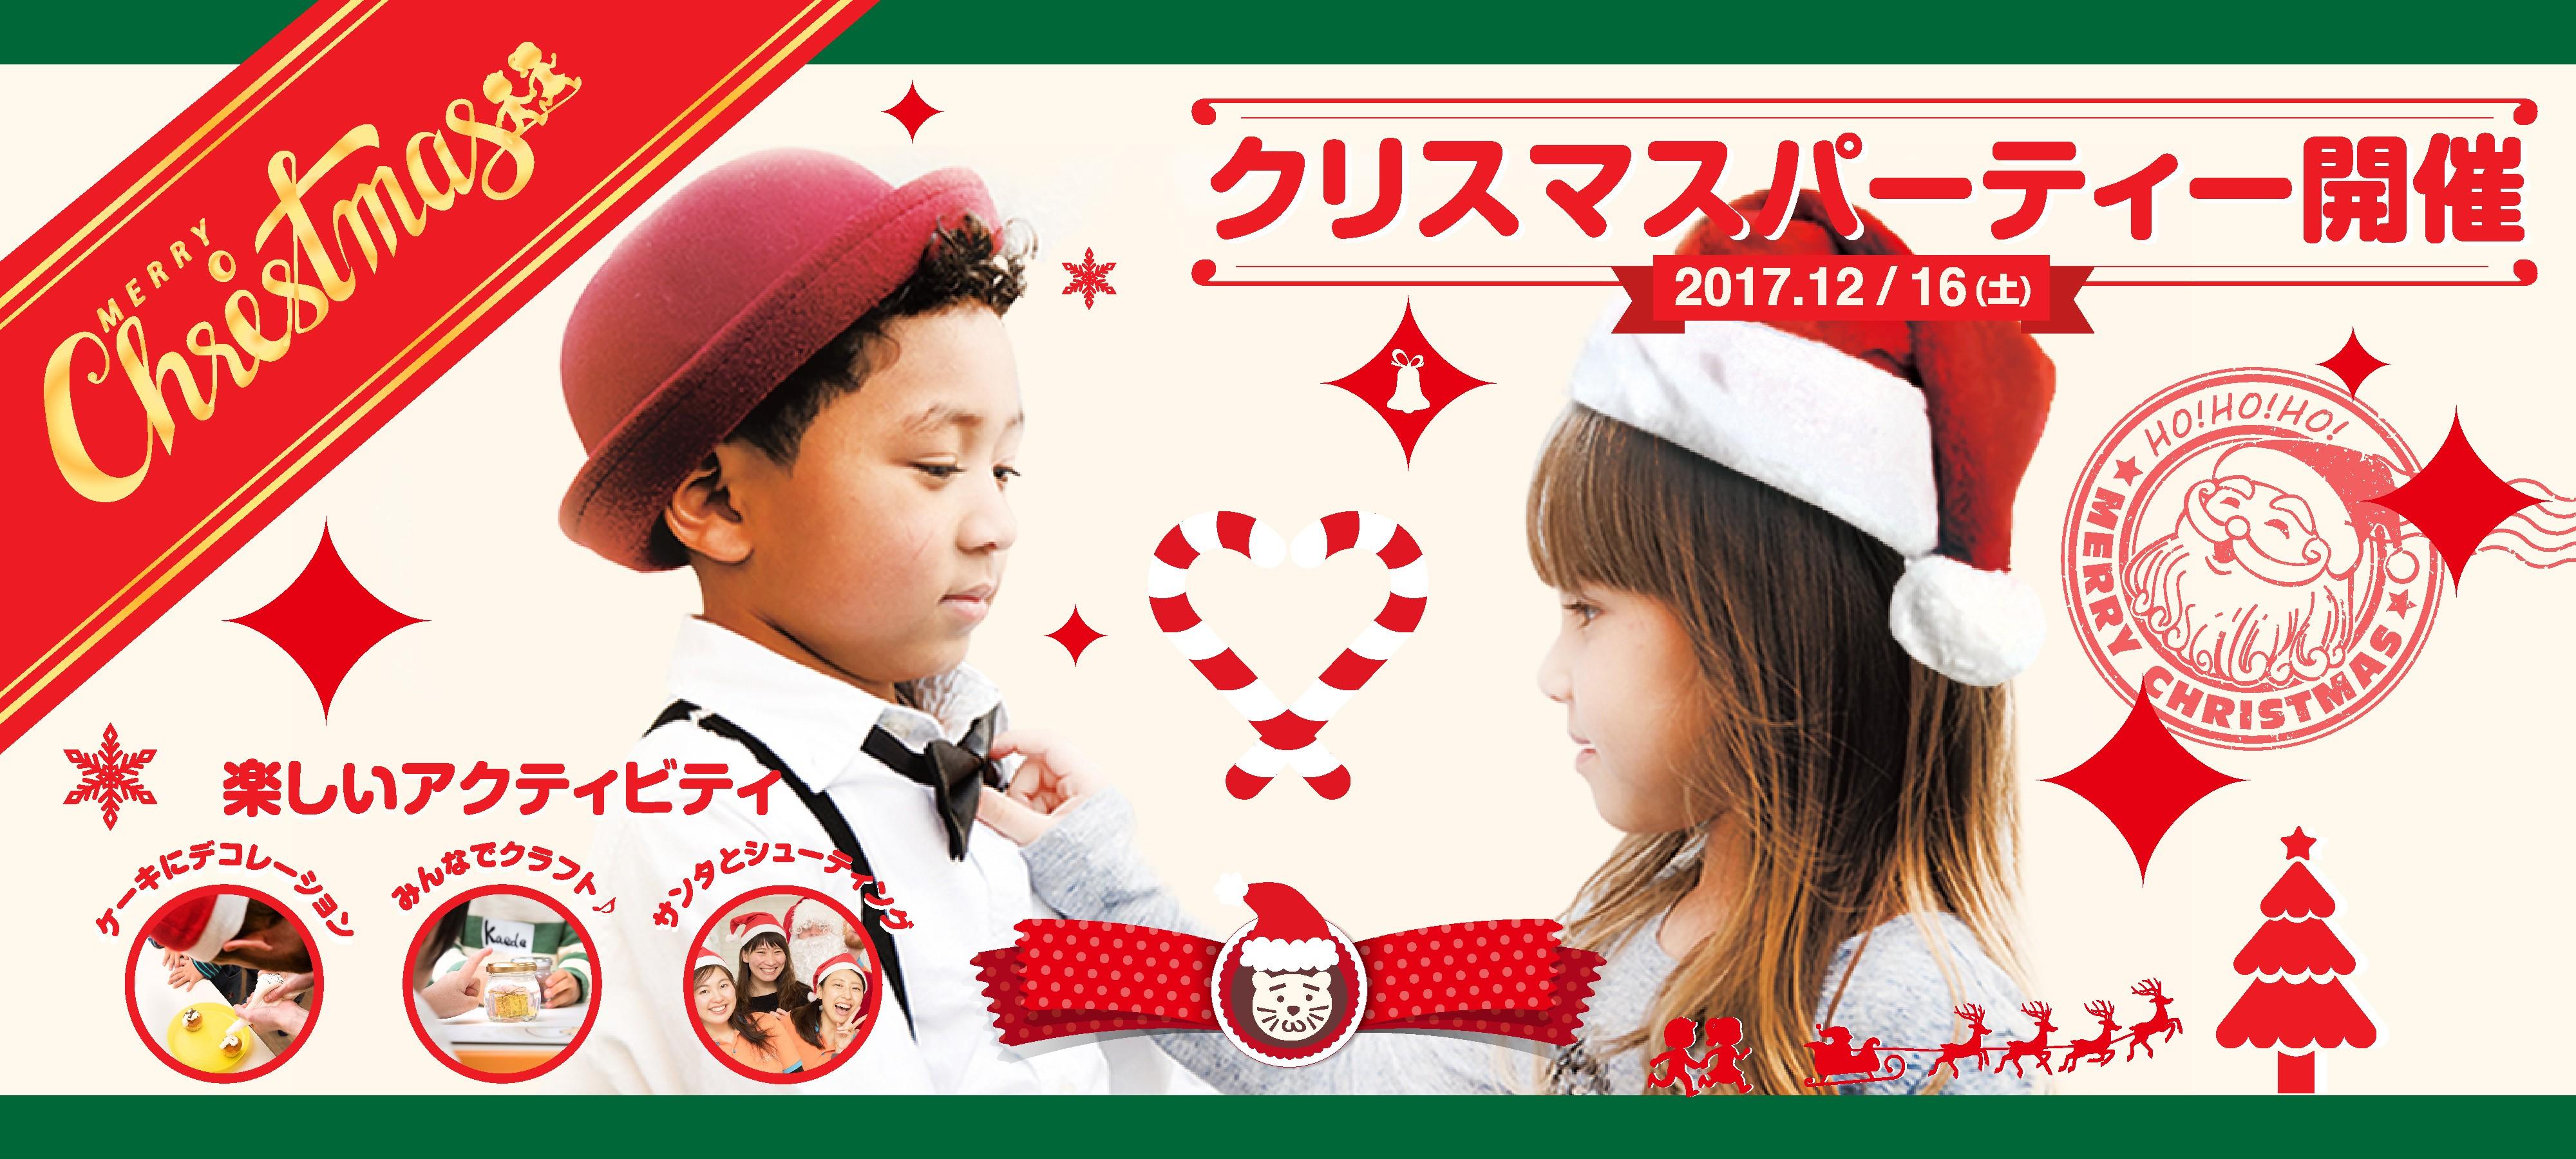 イメージ:12月16日(土)クリスマスパーティーを開催!